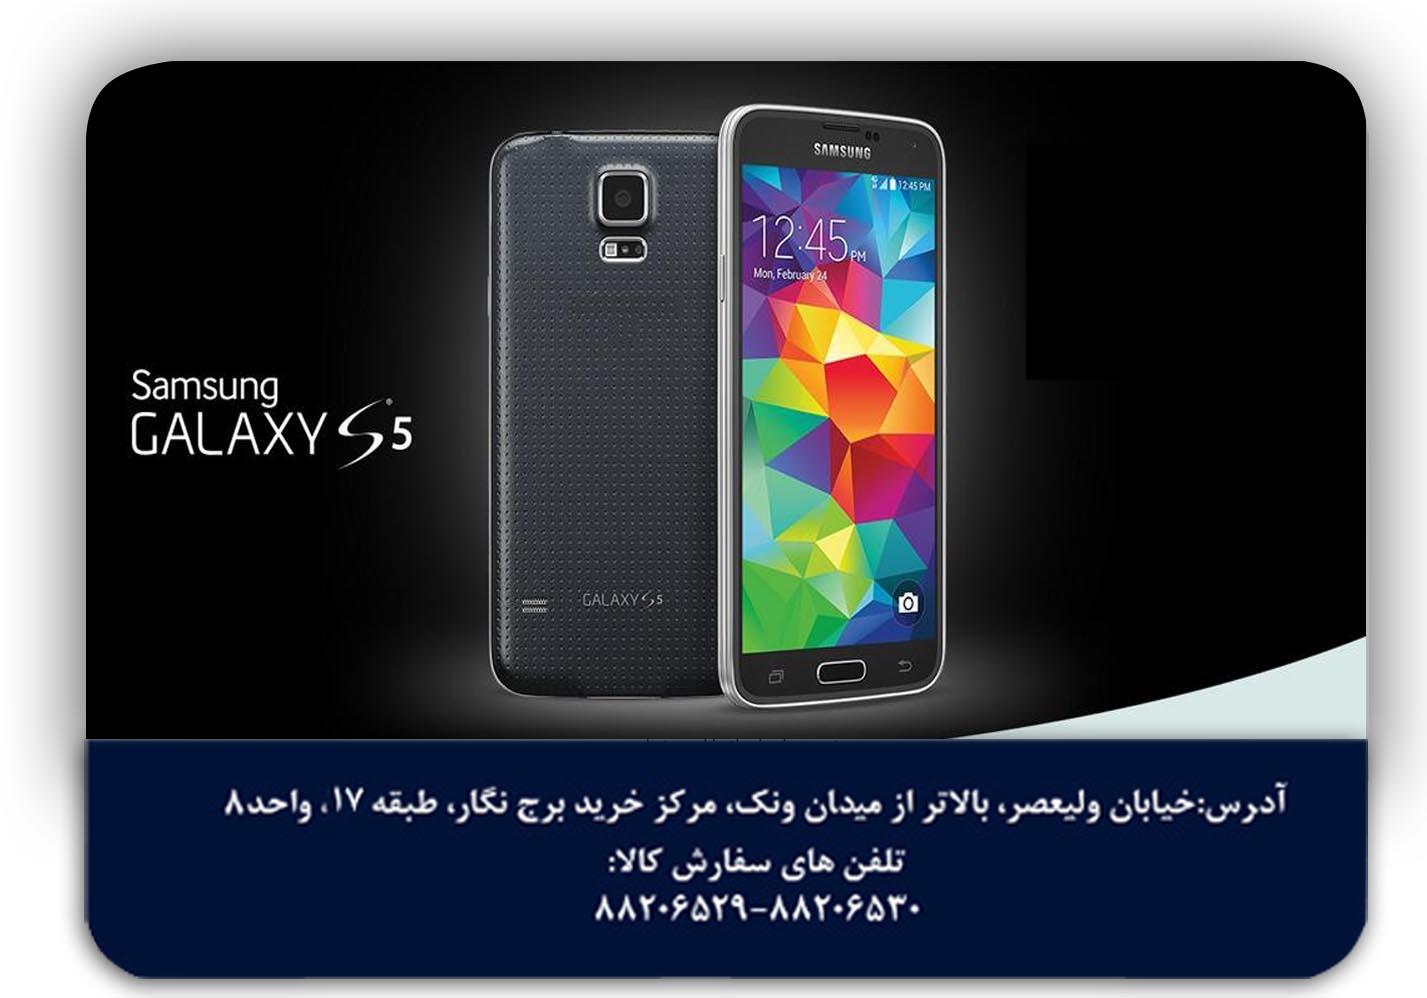 Samsung Gear S gsm ir و یک ارور رخ داد sakhtafzarmag com